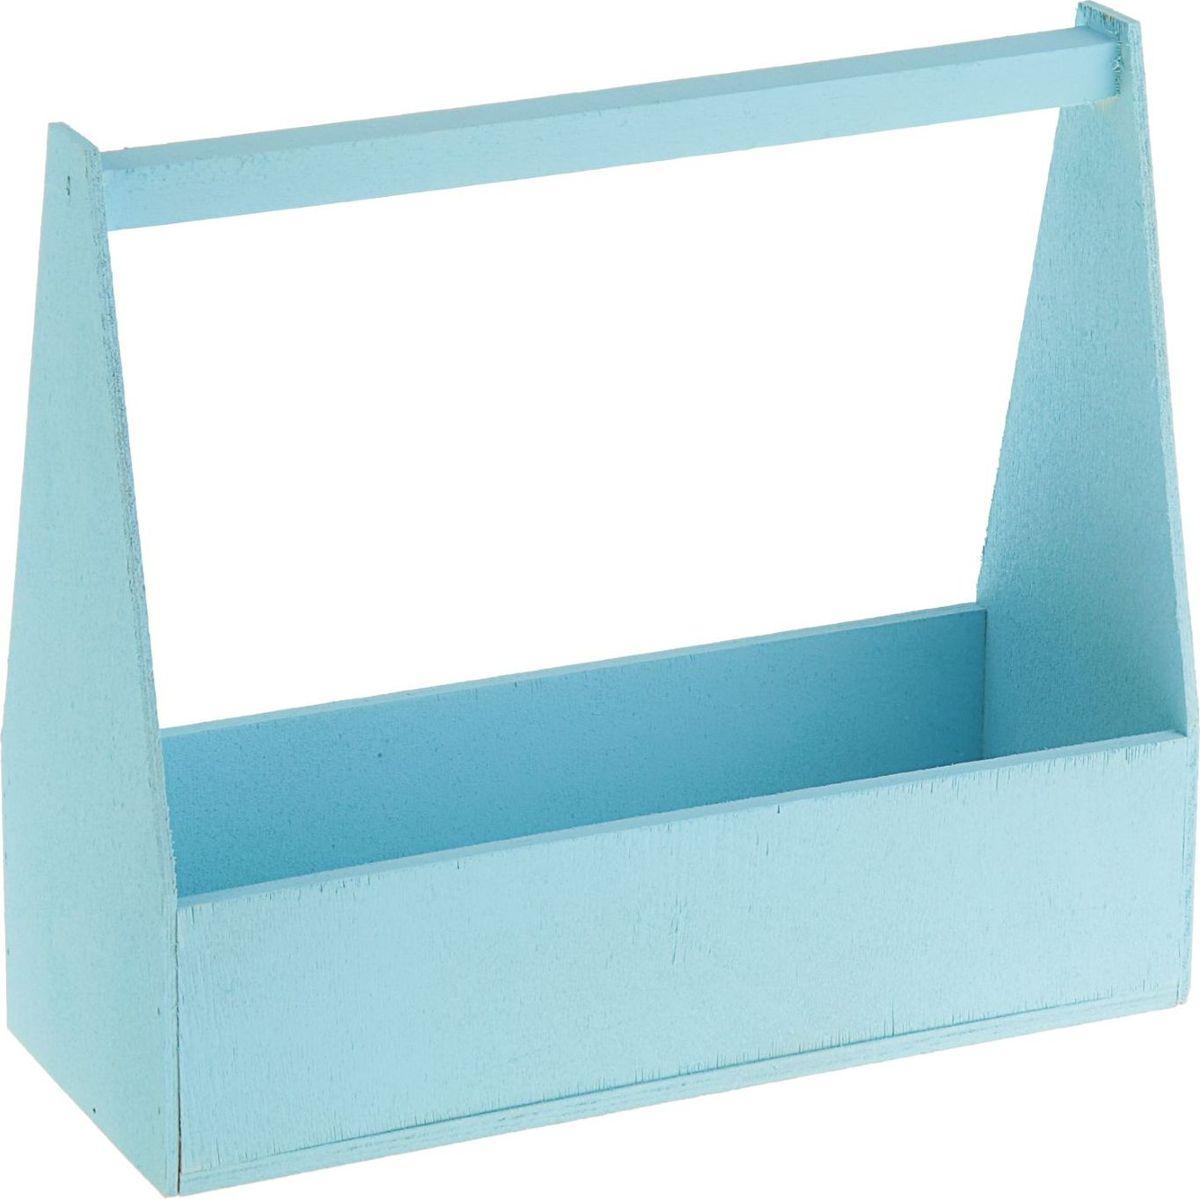 Кашпо ТД ДМ Ящик, флористическое, цвет: голубой, 27 х 11 х 9 см2269522#name# — сувенир в полном смысле этого слова. И главная его задача — хранить воспоминание о месте, где вы побывали, или о том человеке, который подарил данный предмет. Преподнесите эту вещь своему другу, и она станет достойным украшением его дома.